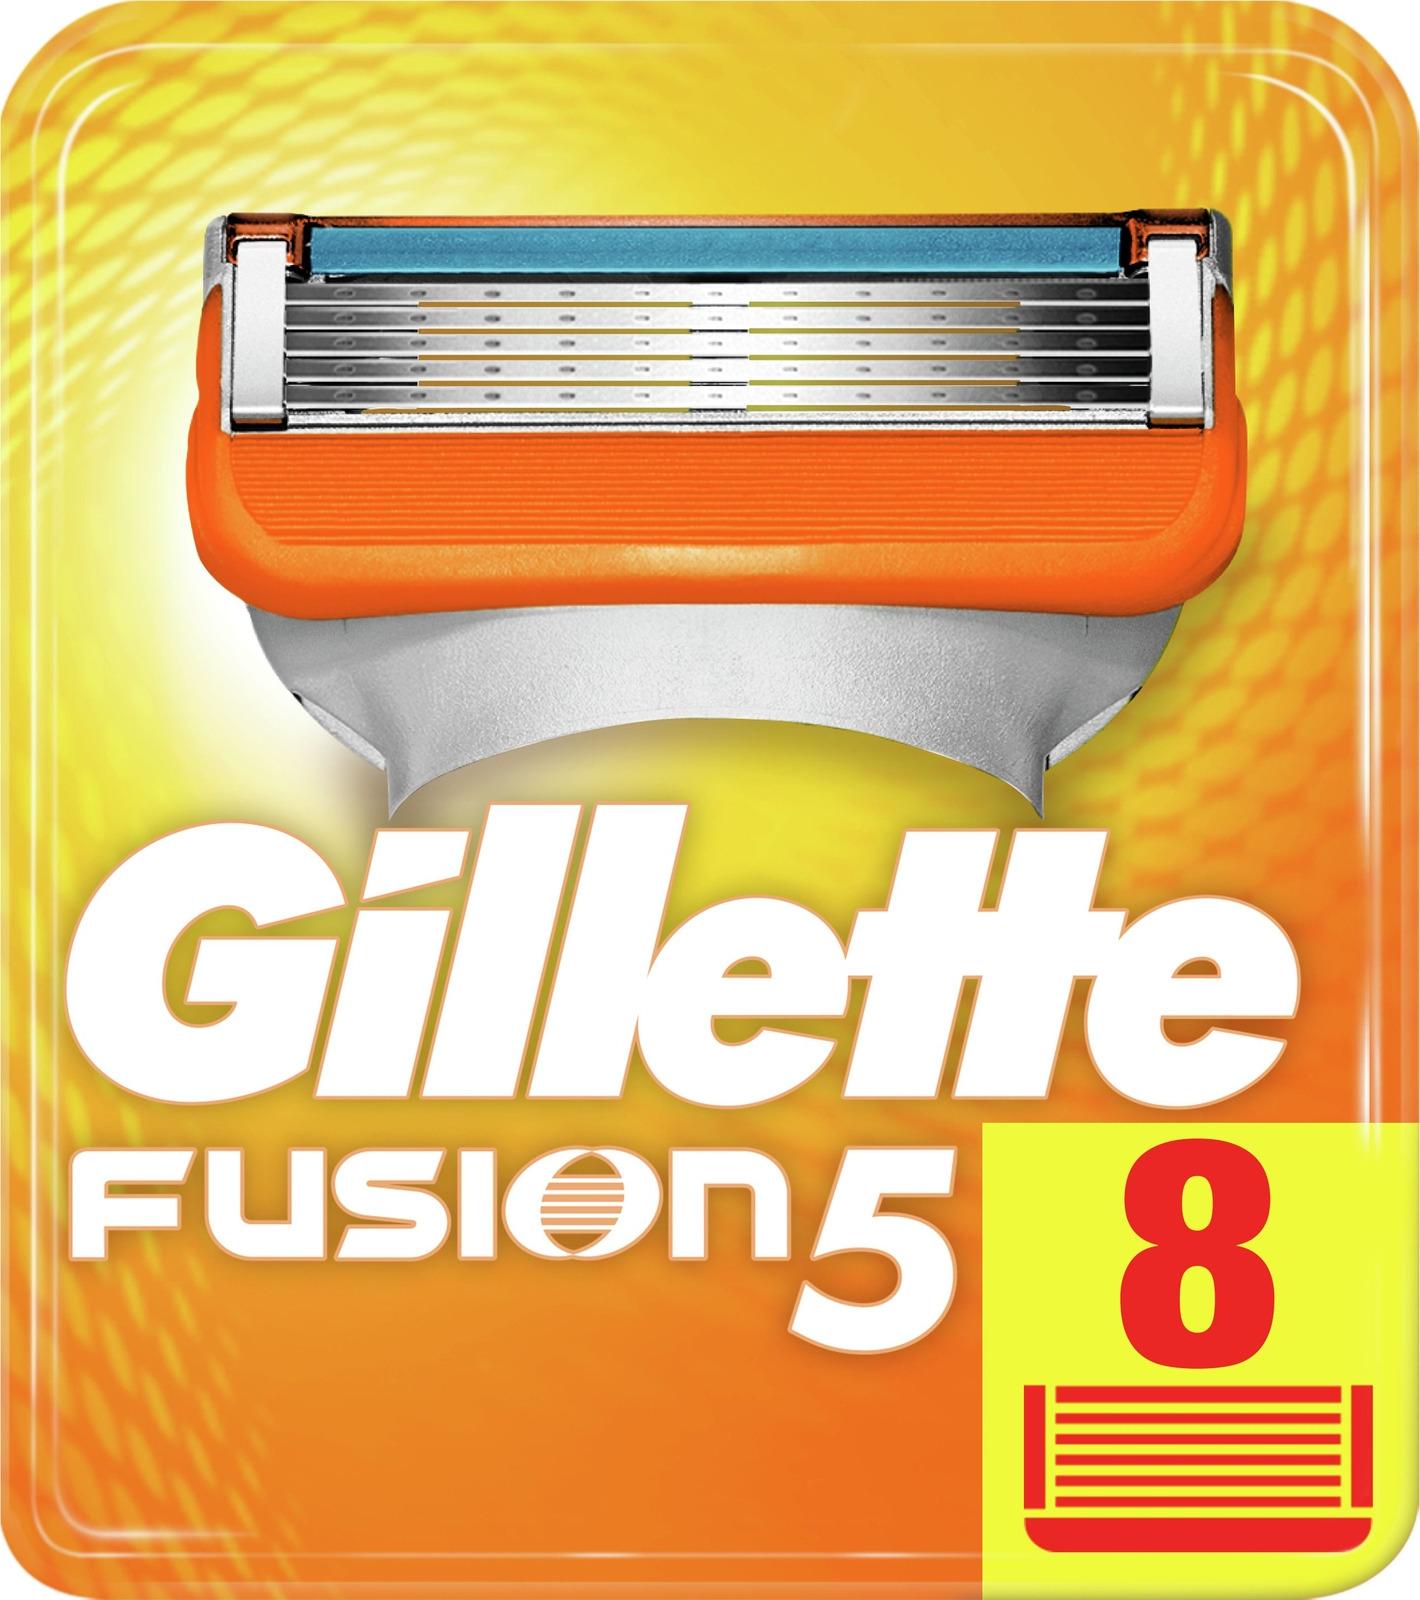 Сменные Кассеты Gillette Fusion5 Для Мужской Бритвы, 8 шт venus embrace сменные кассеты для бритья 2 шт